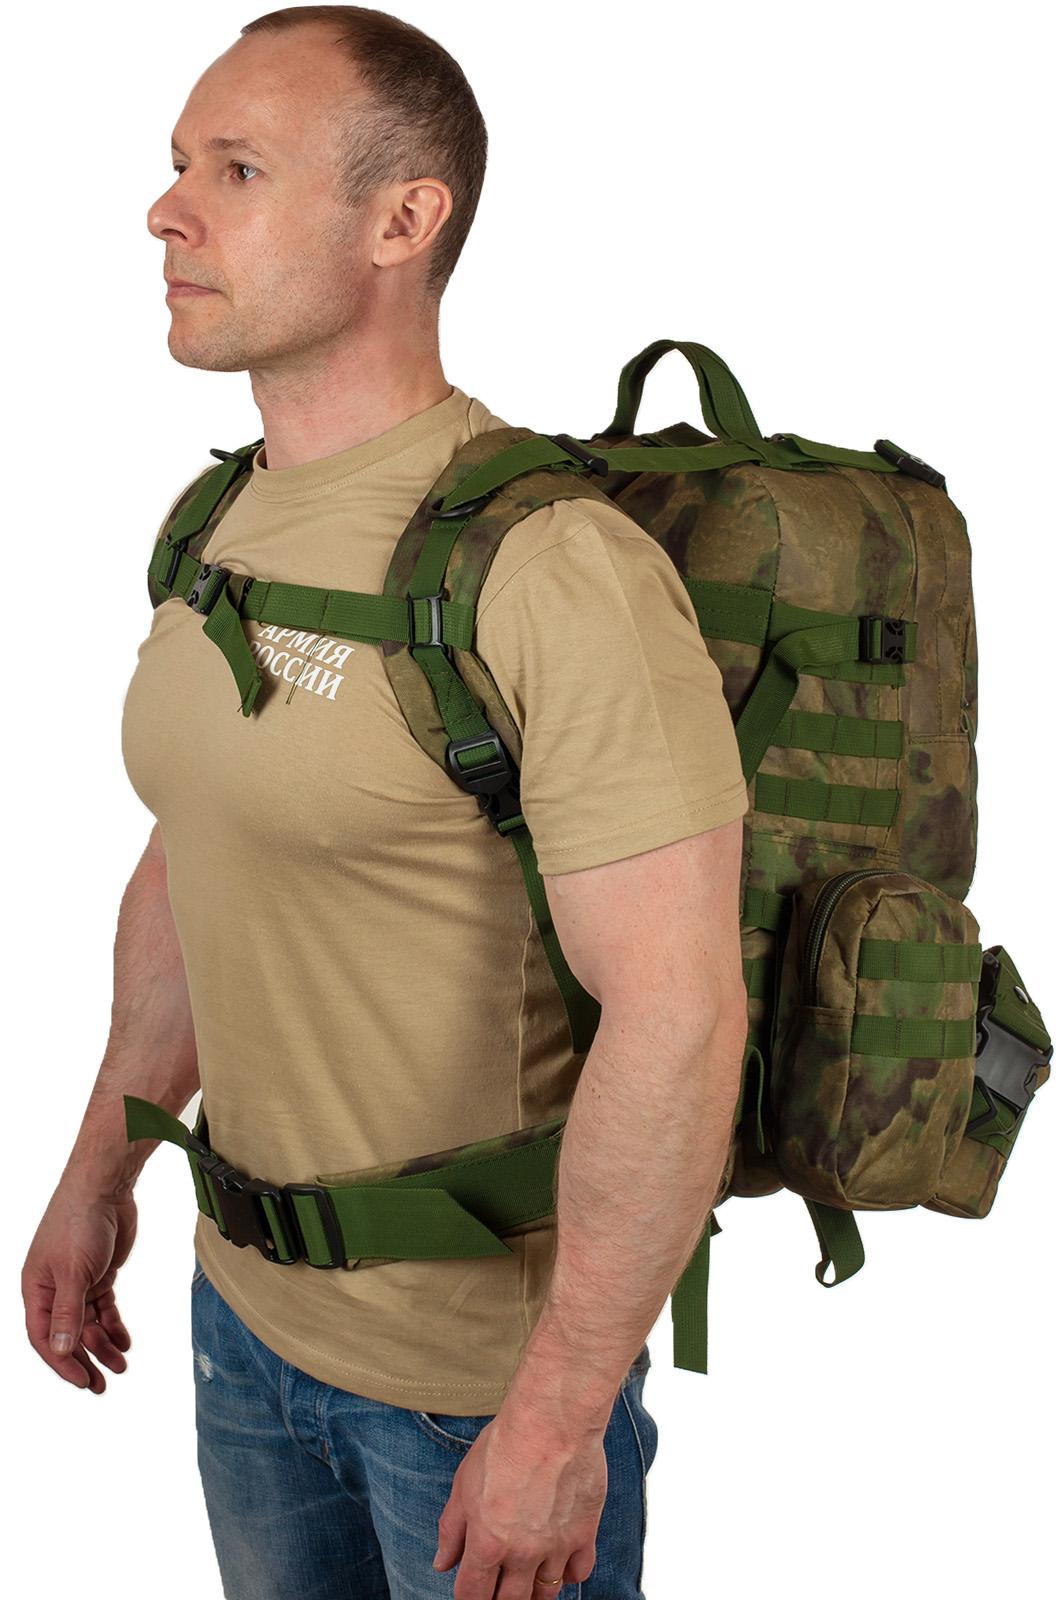 Тактическое снаряжение и рюкзаки ГРУ – всё в наличии и очень недорого